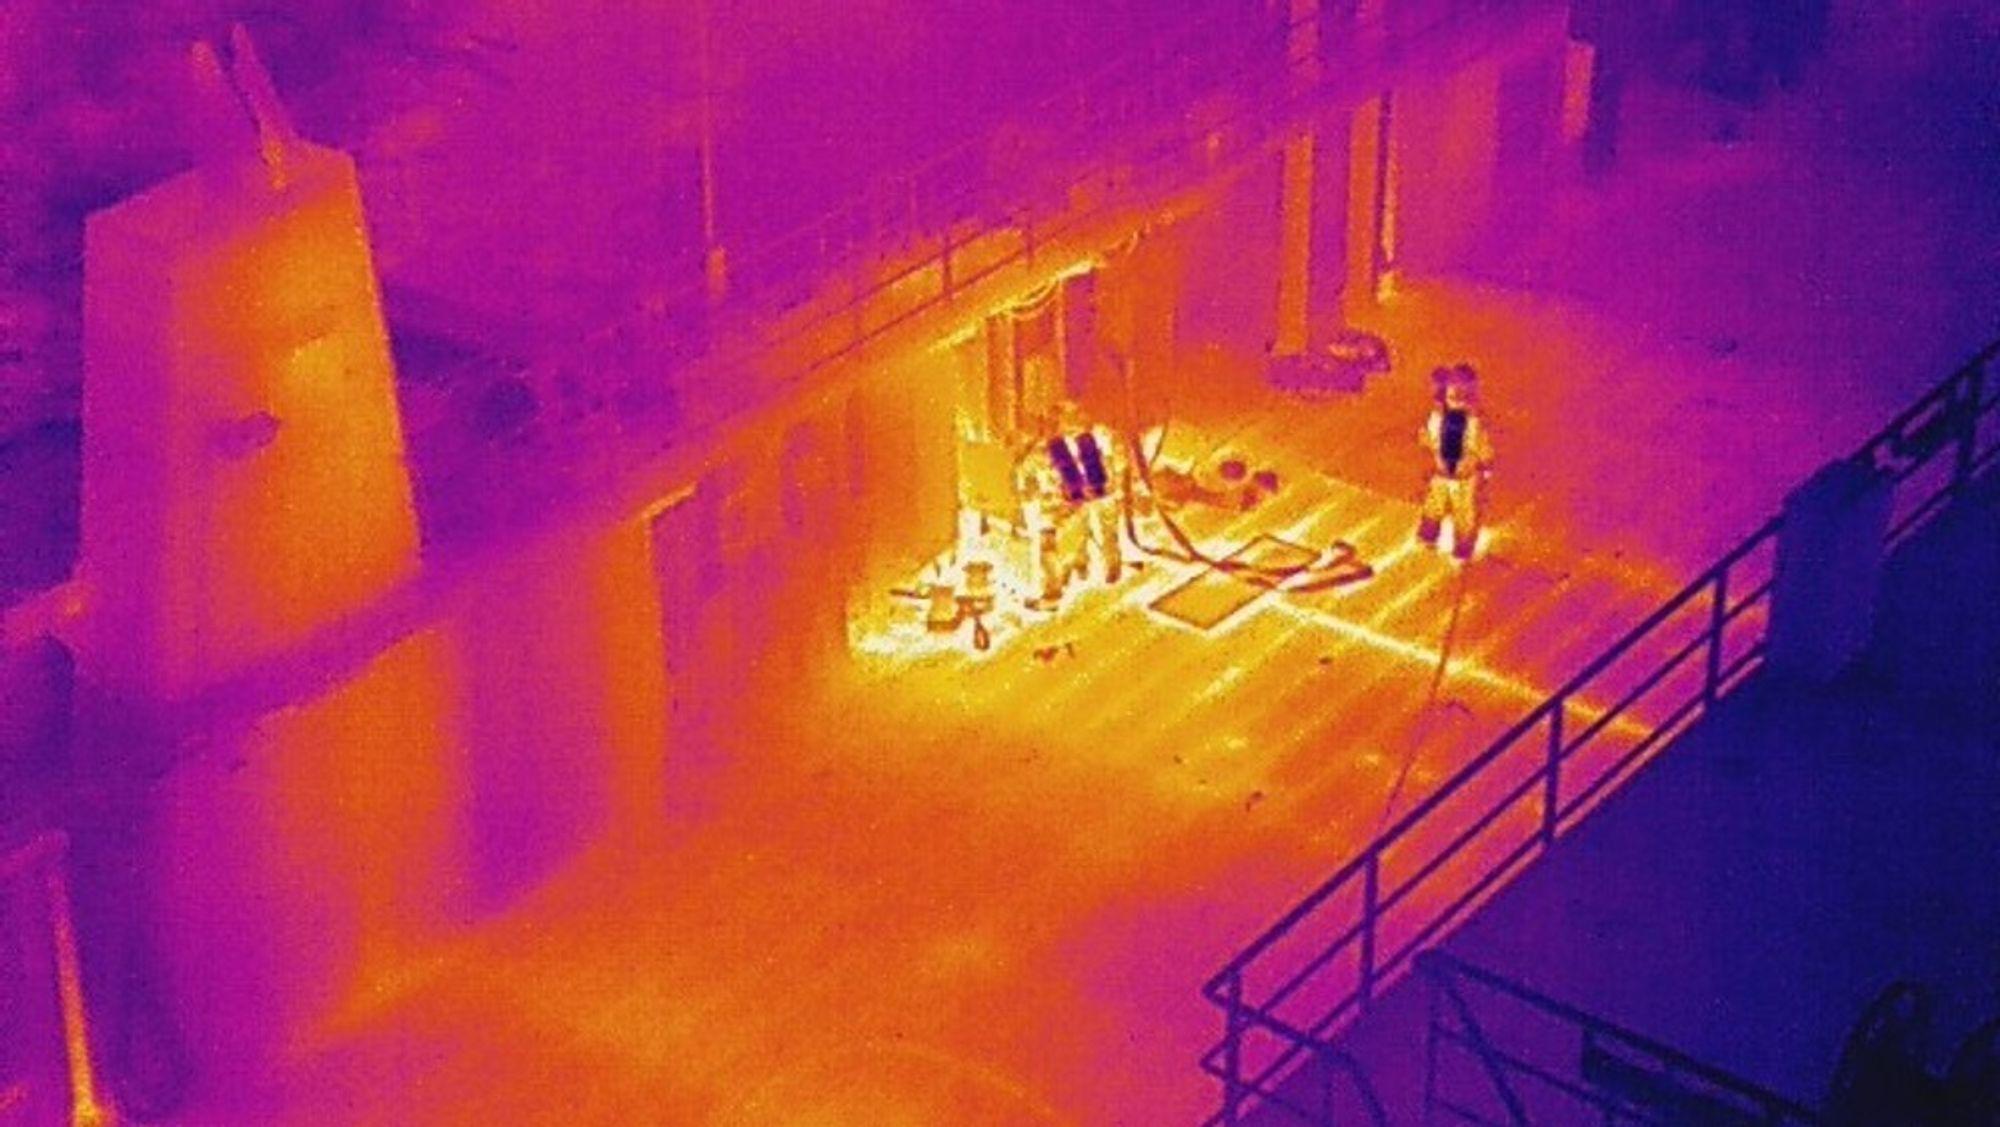 Dronefoto tatt med infrarødt kamera av røyk- og branndykkere om bord MF Ytterøyningen.